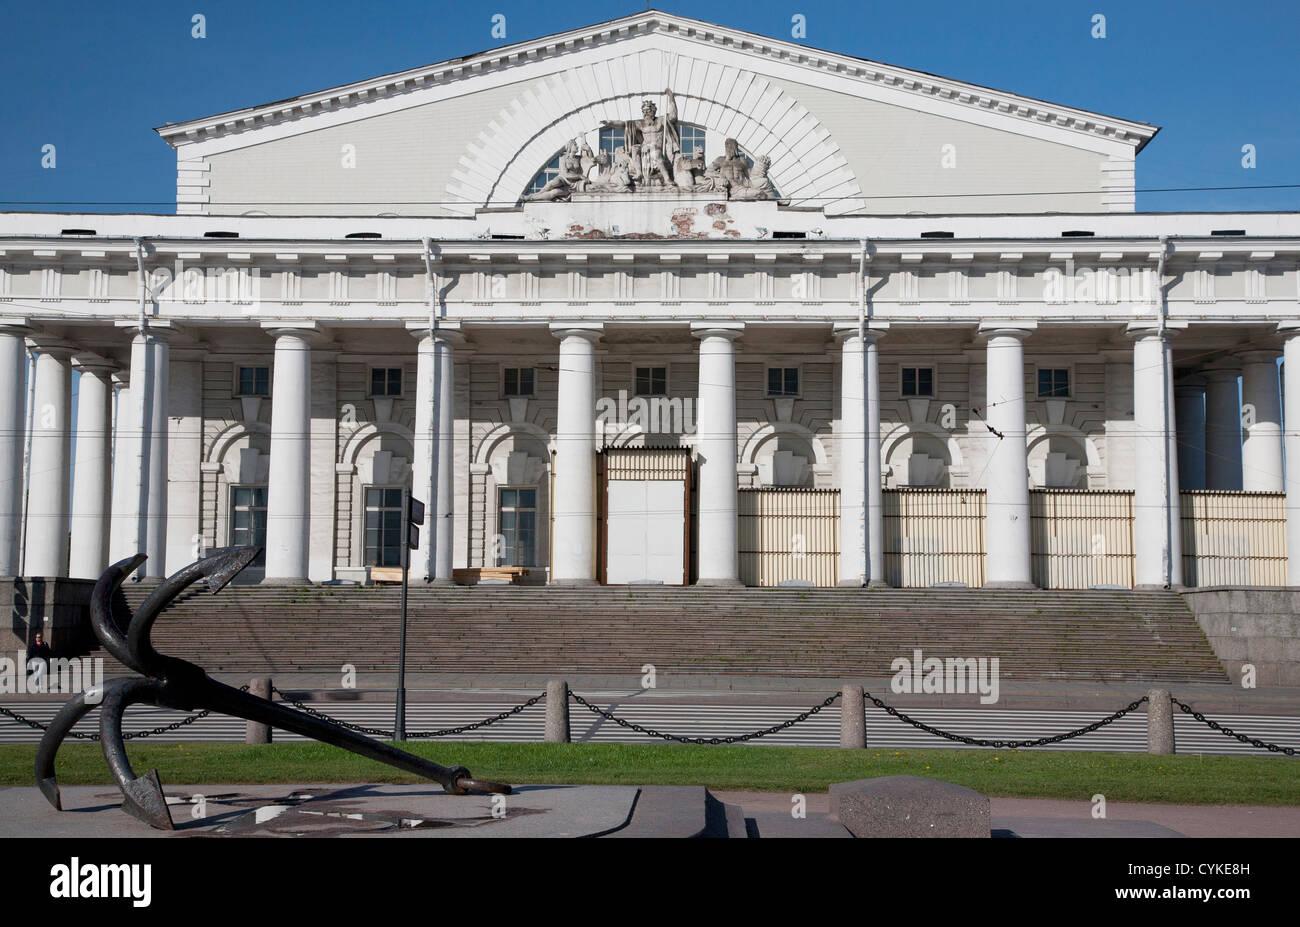 Stock Exchange, Naval Museum, St. Petersburg, Russia Stock Photo